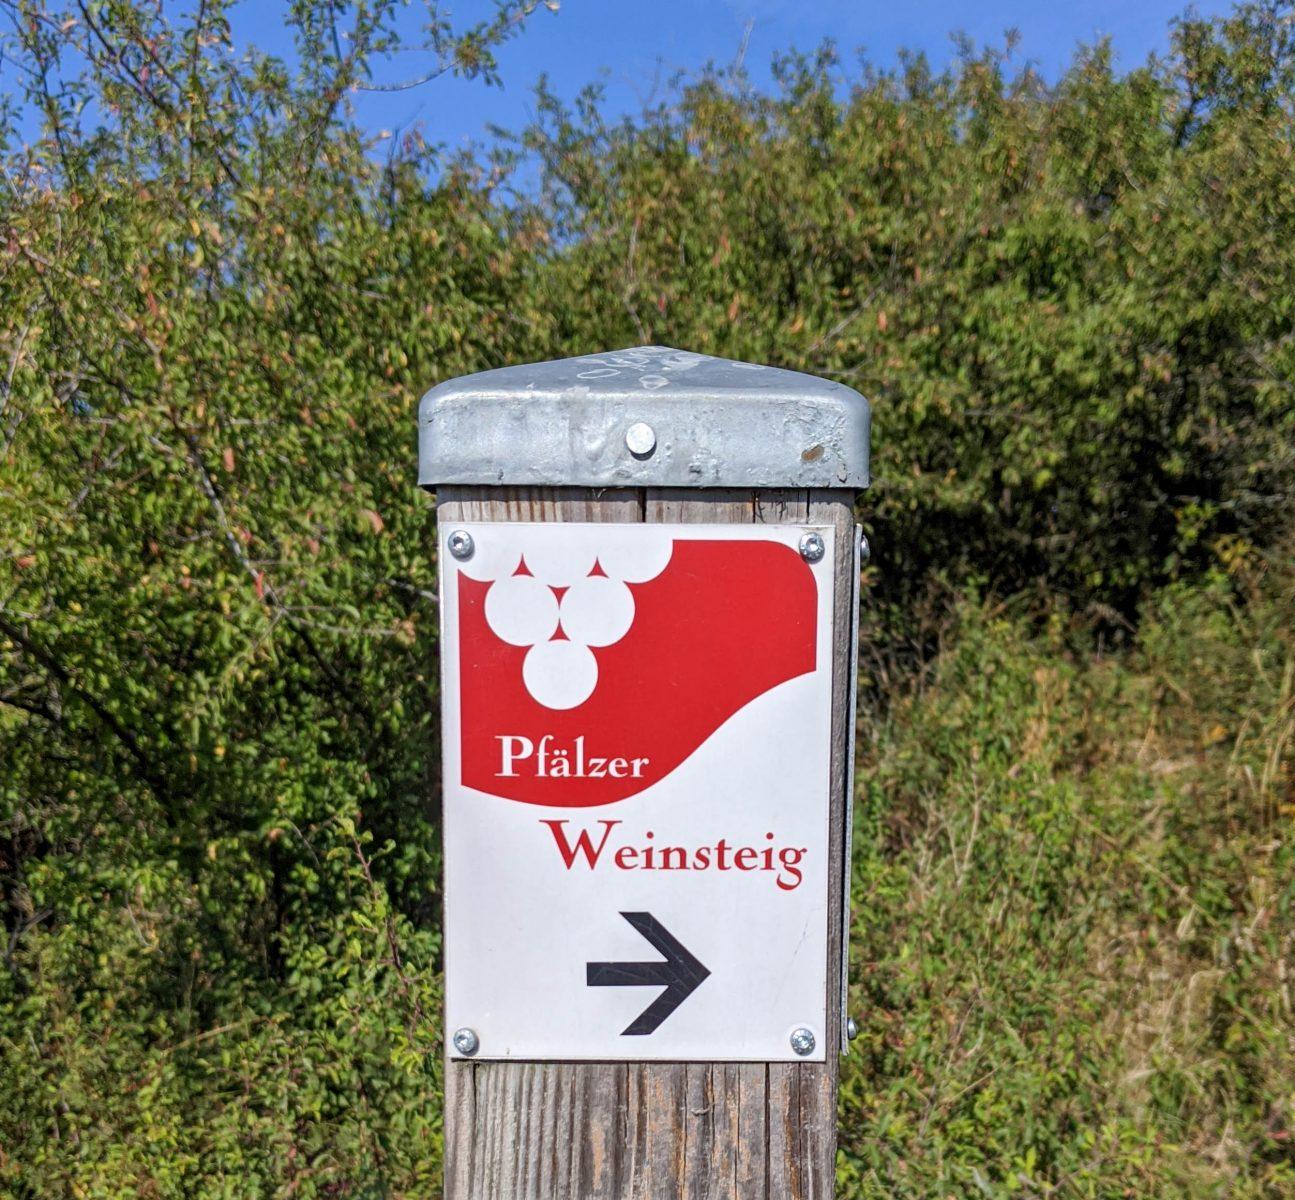 Pfälzer Weinsteig – Fernwandern mit Genuss (Etappe 1-6)